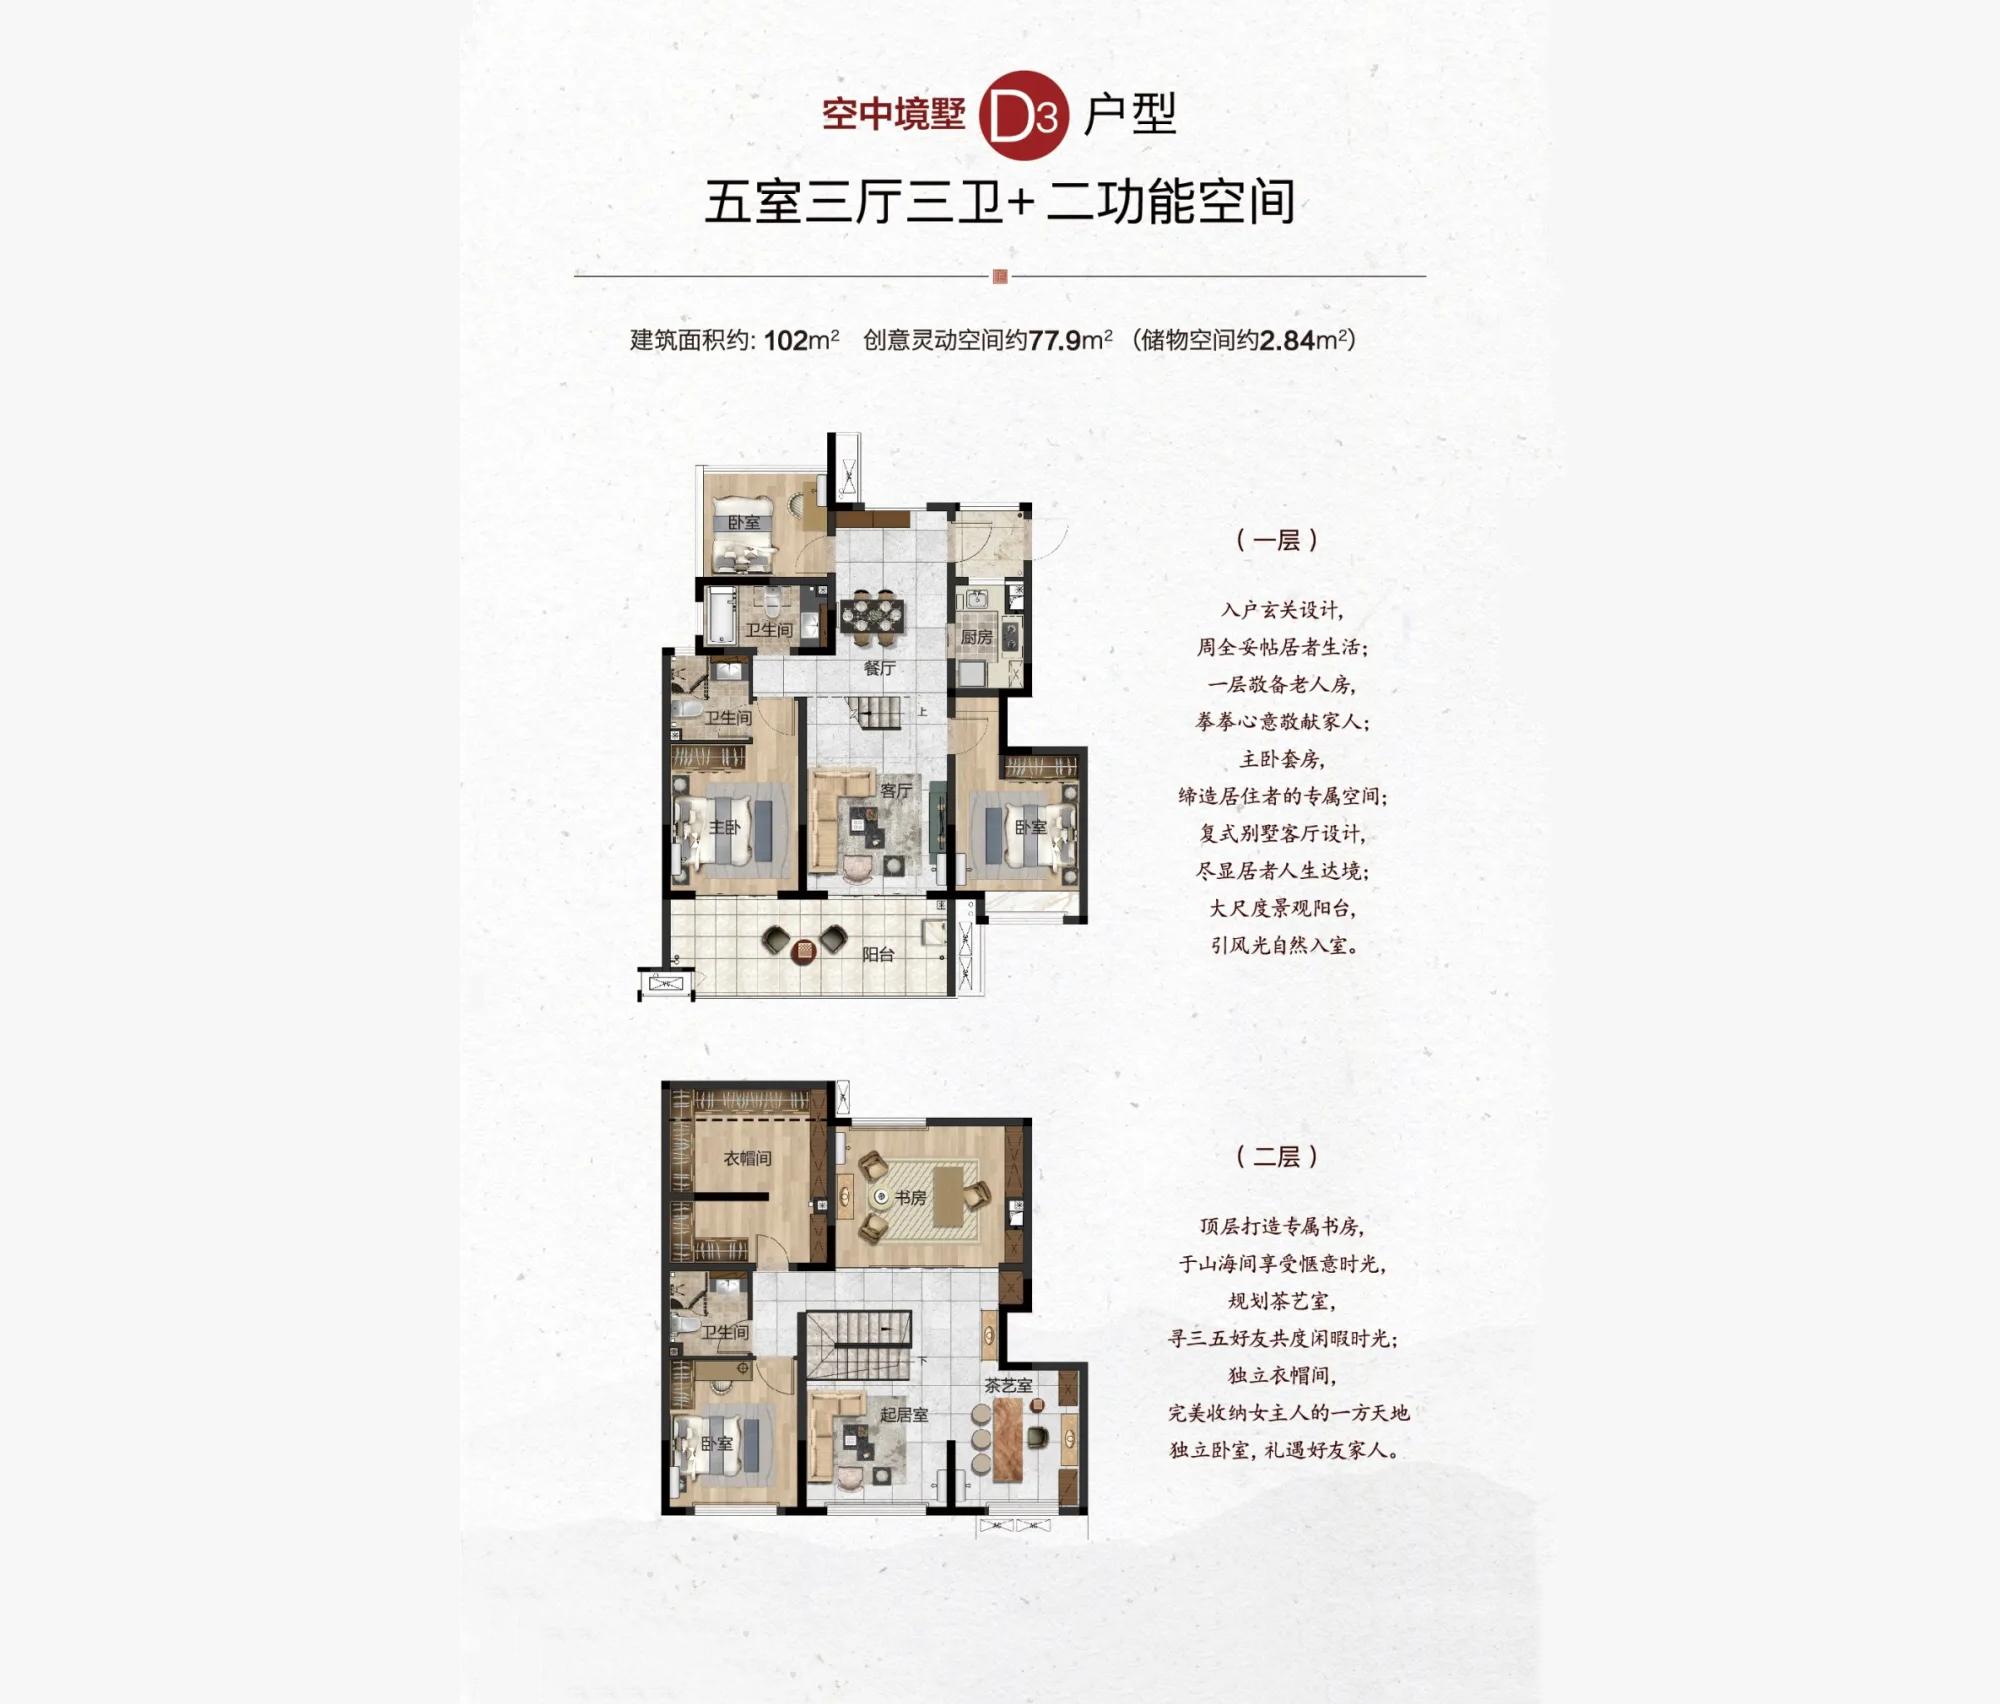 和泓海棠府5房3厅3卫2功能房 (建筑面积:102.00㎡)